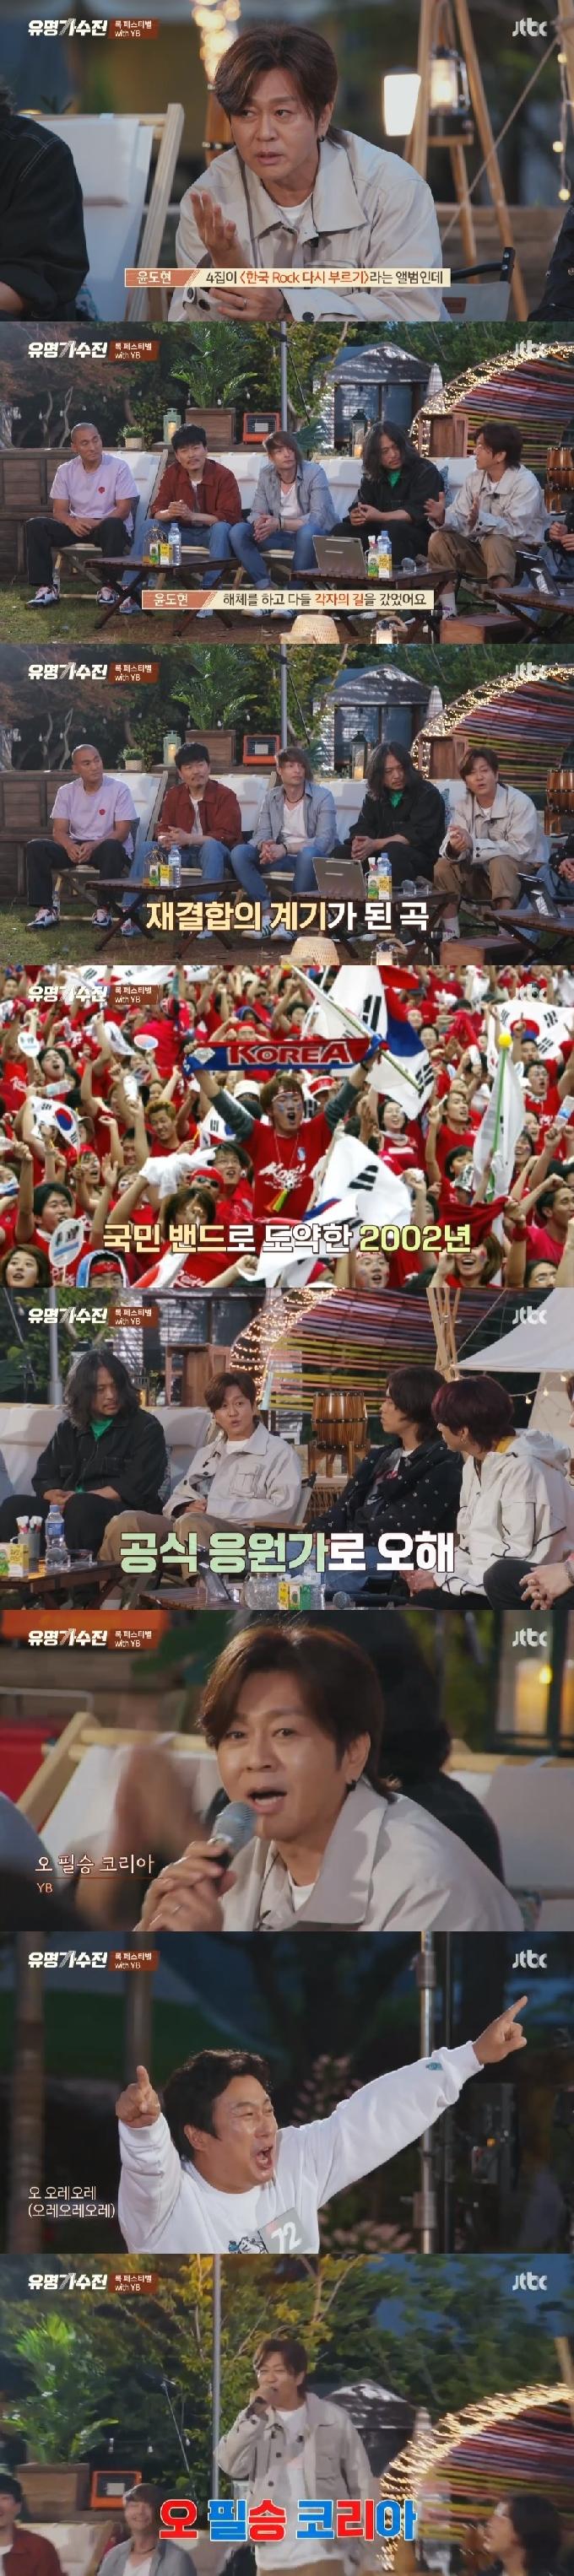 """윤도현 """"YB, 경제적 어려움에 해체한 적 있어""""…재결합 배경은 [RE:TV]"""